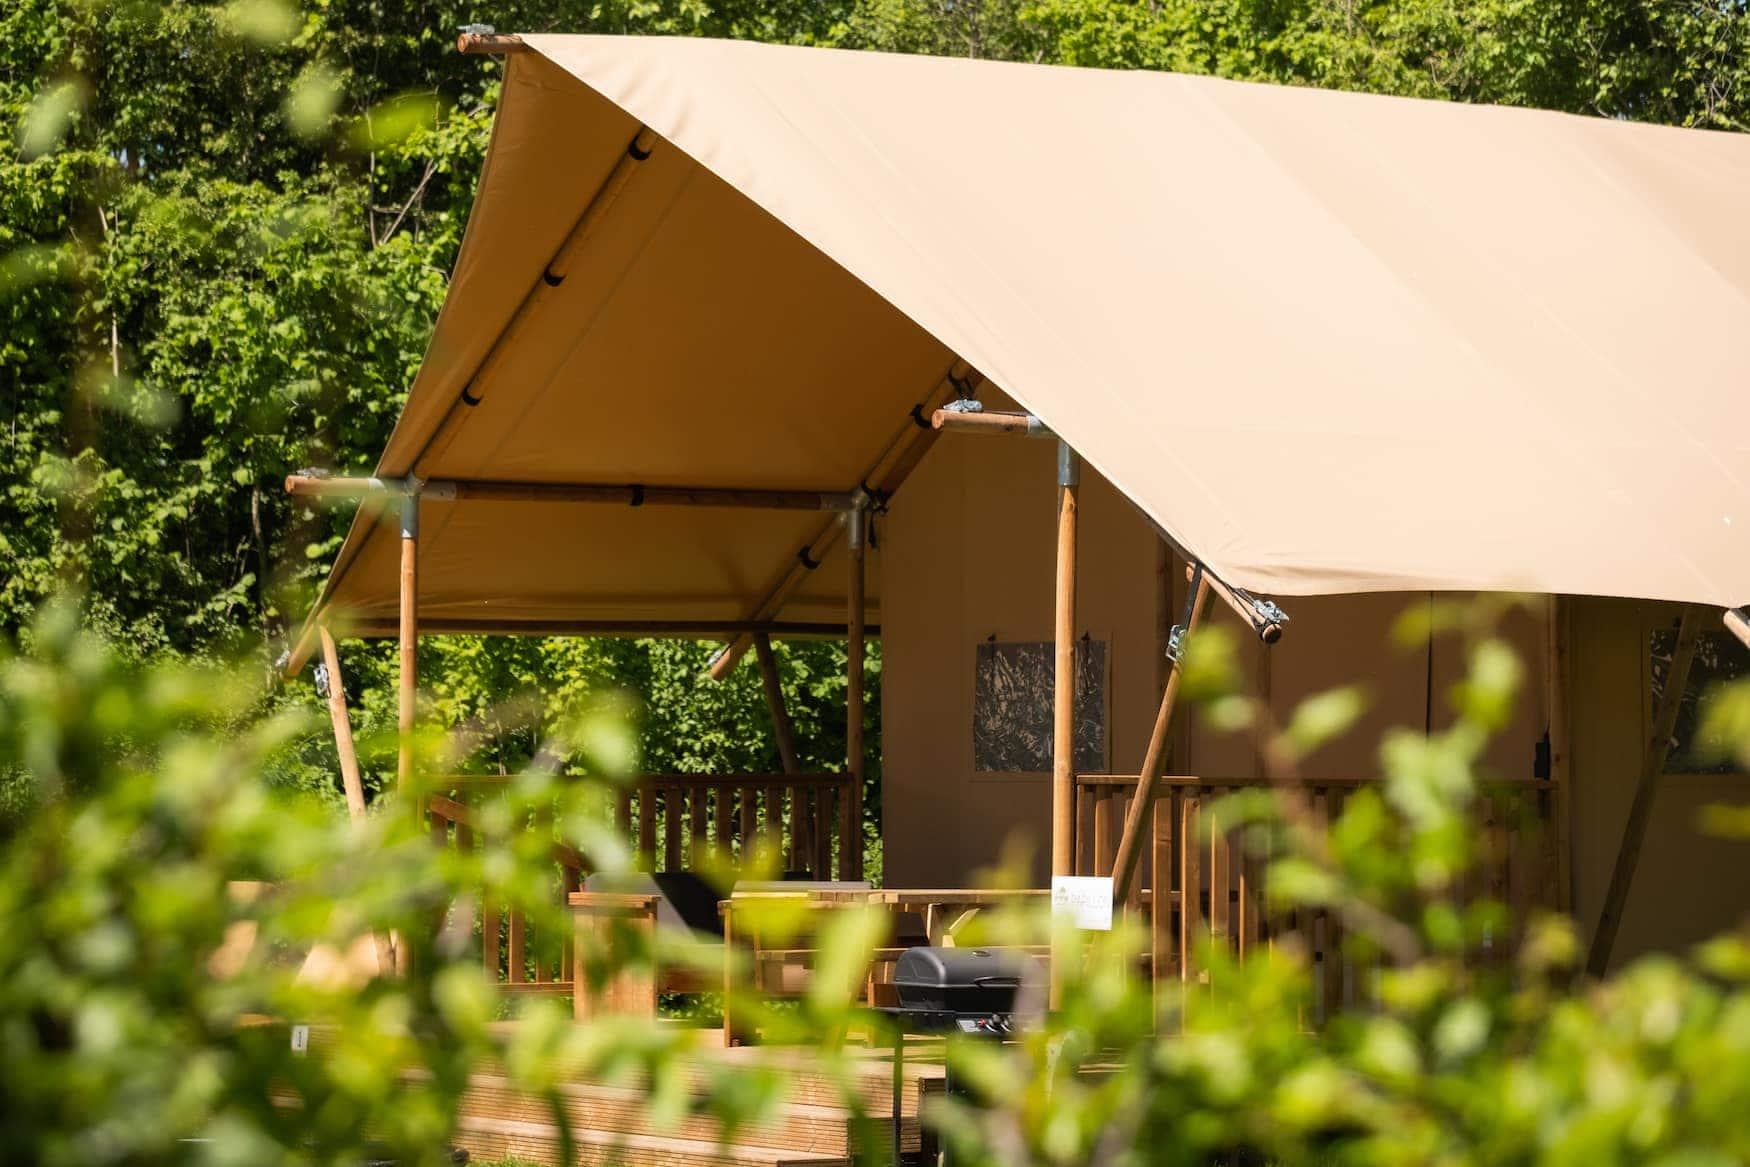 Glamping-Zelt auf einem Glamping-Resort in den Niederlanden